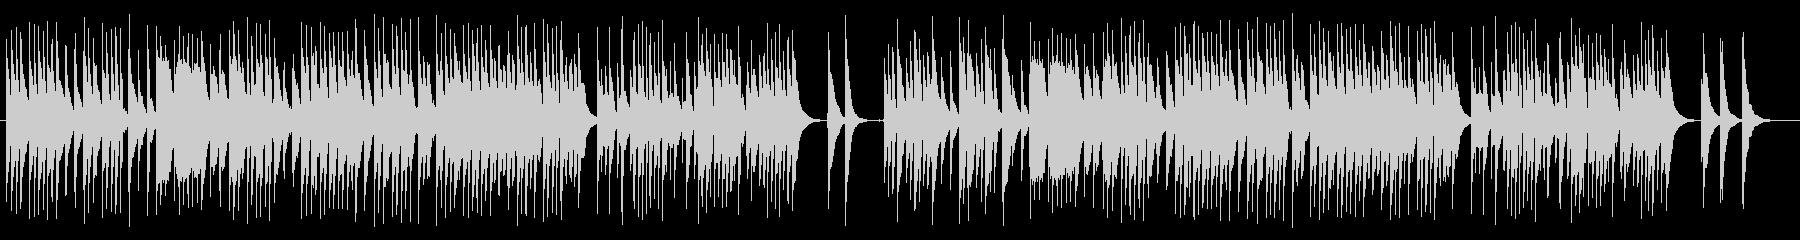 回想シーンに最適な和風テイストの曲の未再生の波形